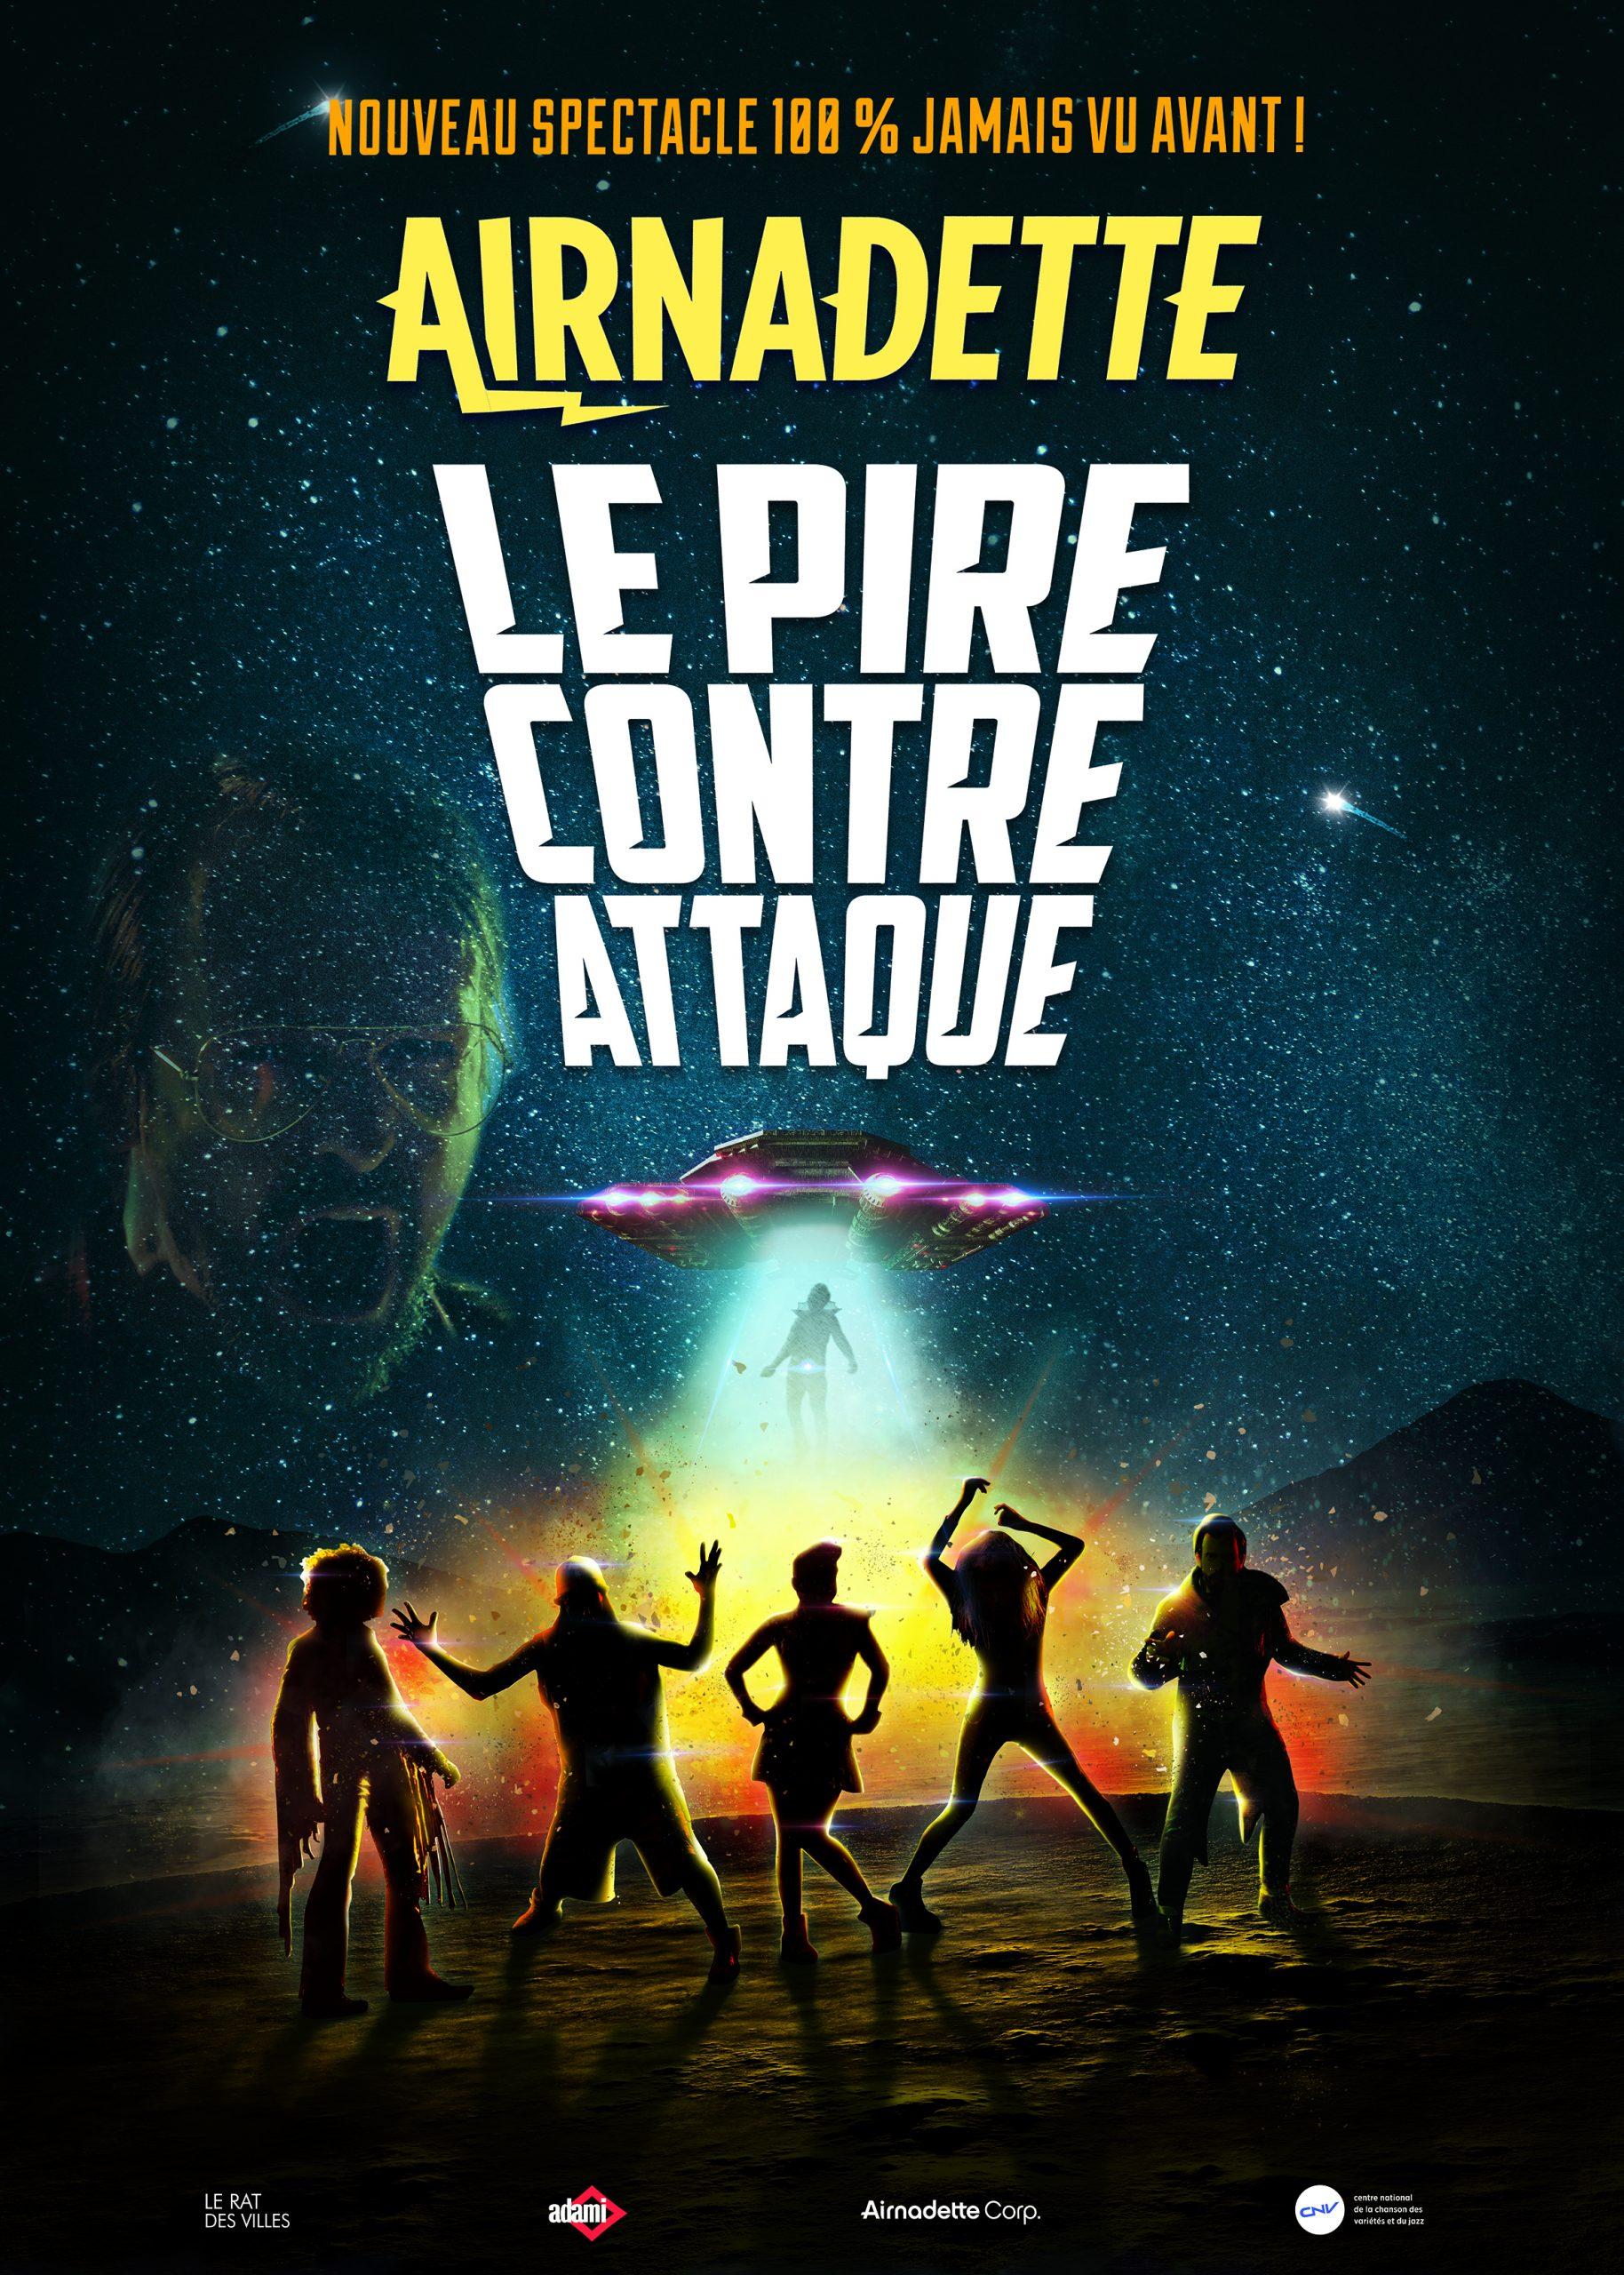 Airnadette - Le pire contre-attaque